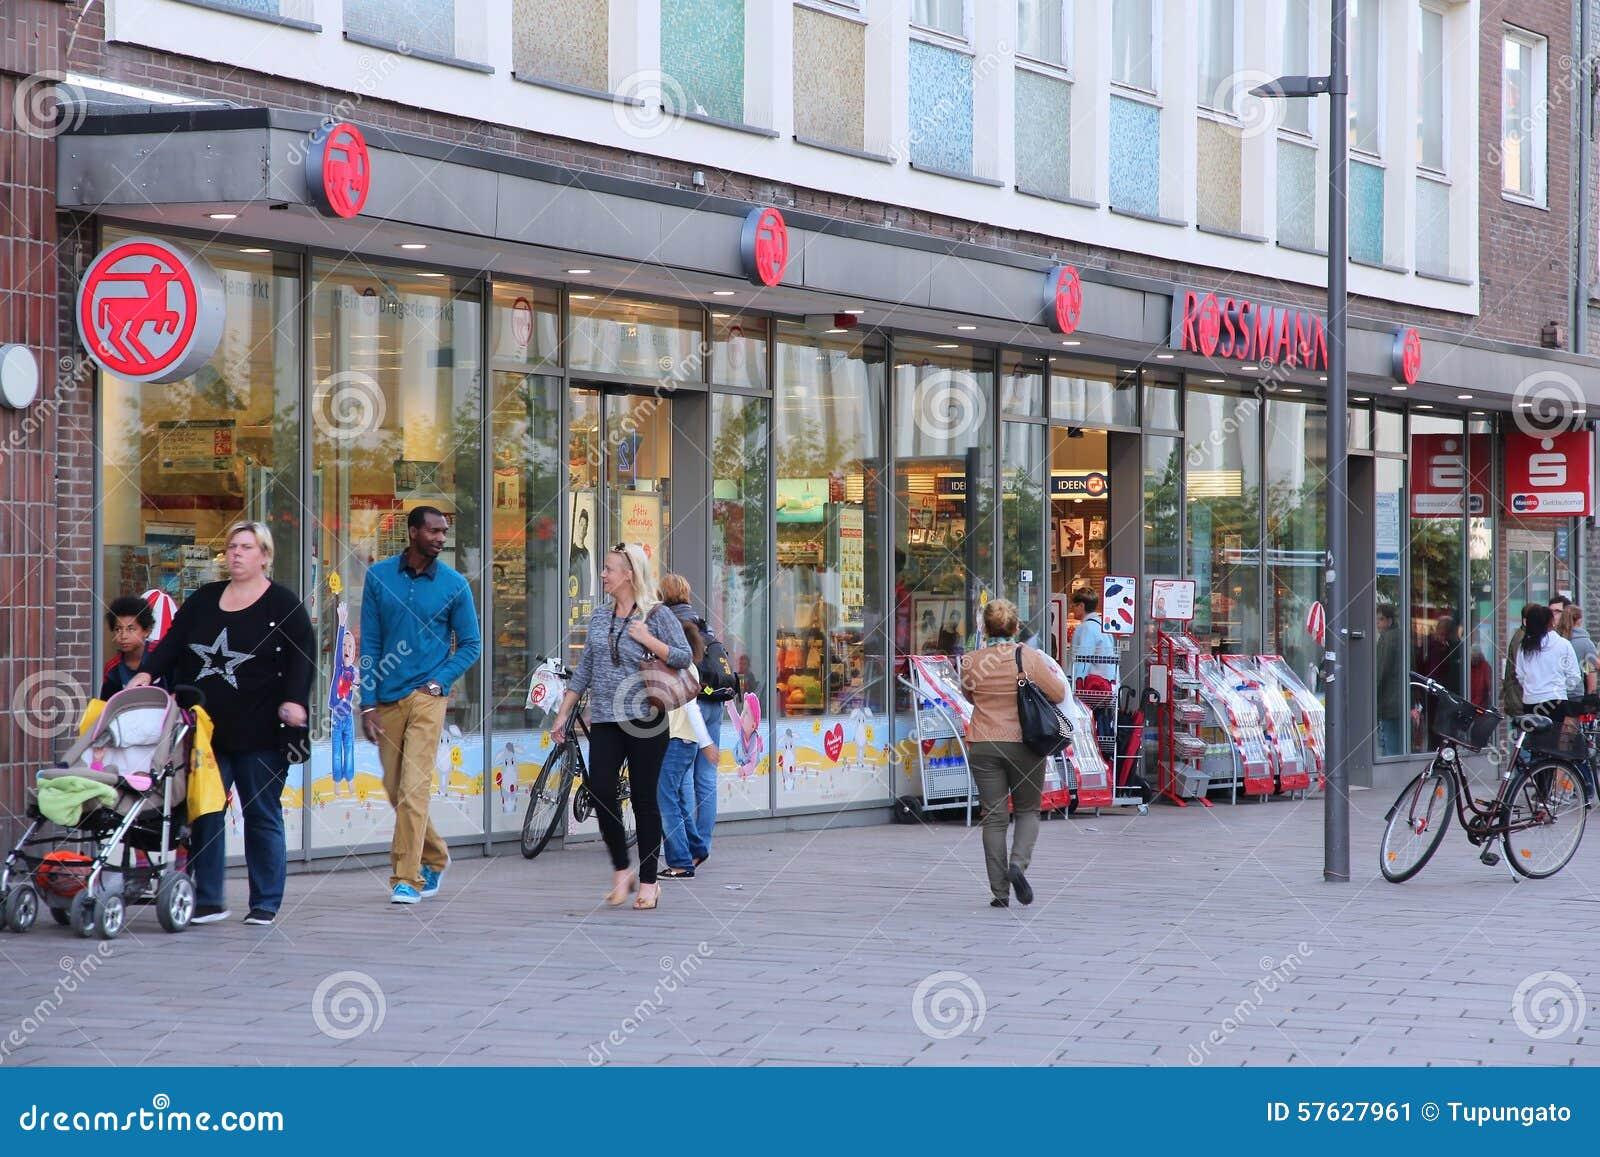 lГјbeck shoppen